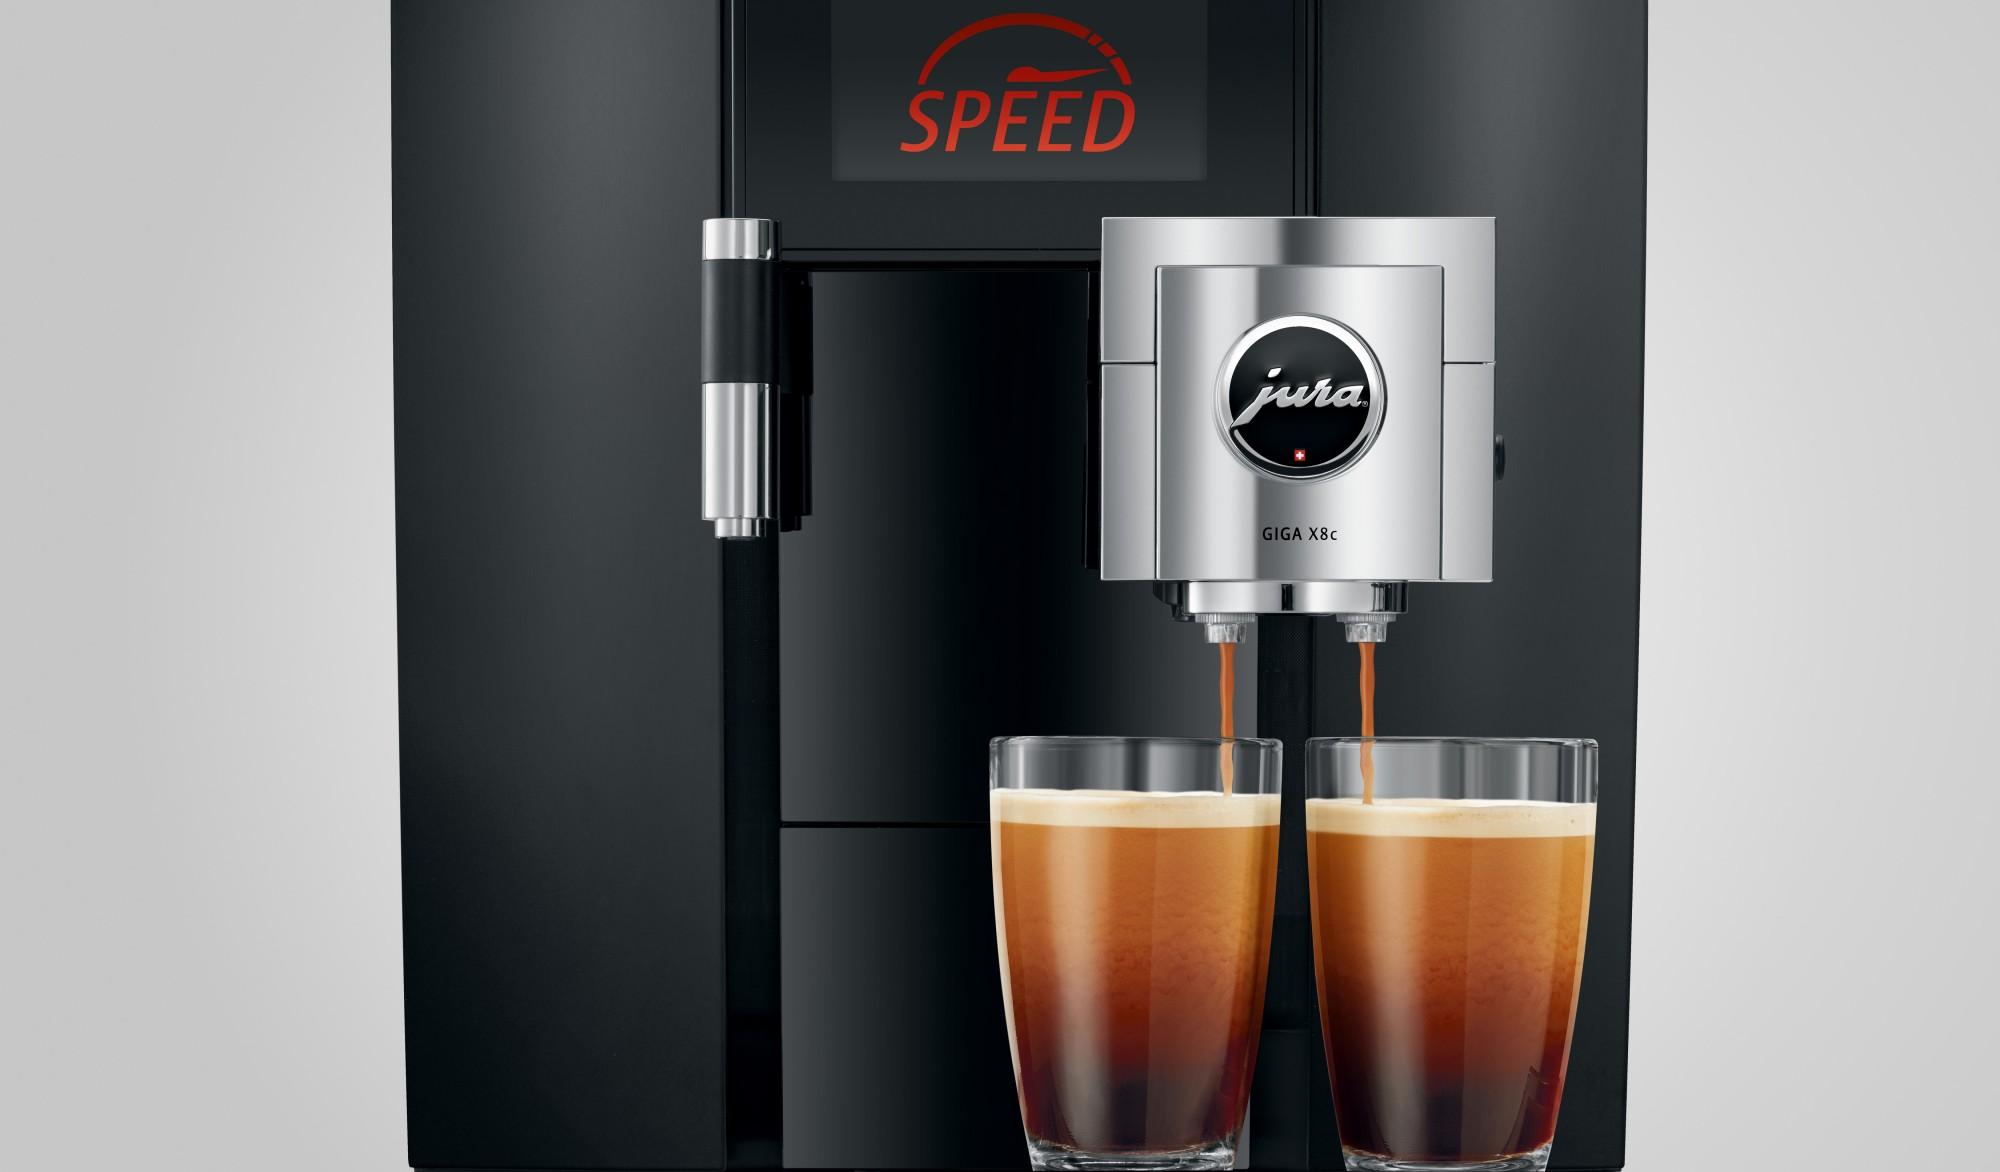 Zet snel twee koppen koffie met de speedfunctie